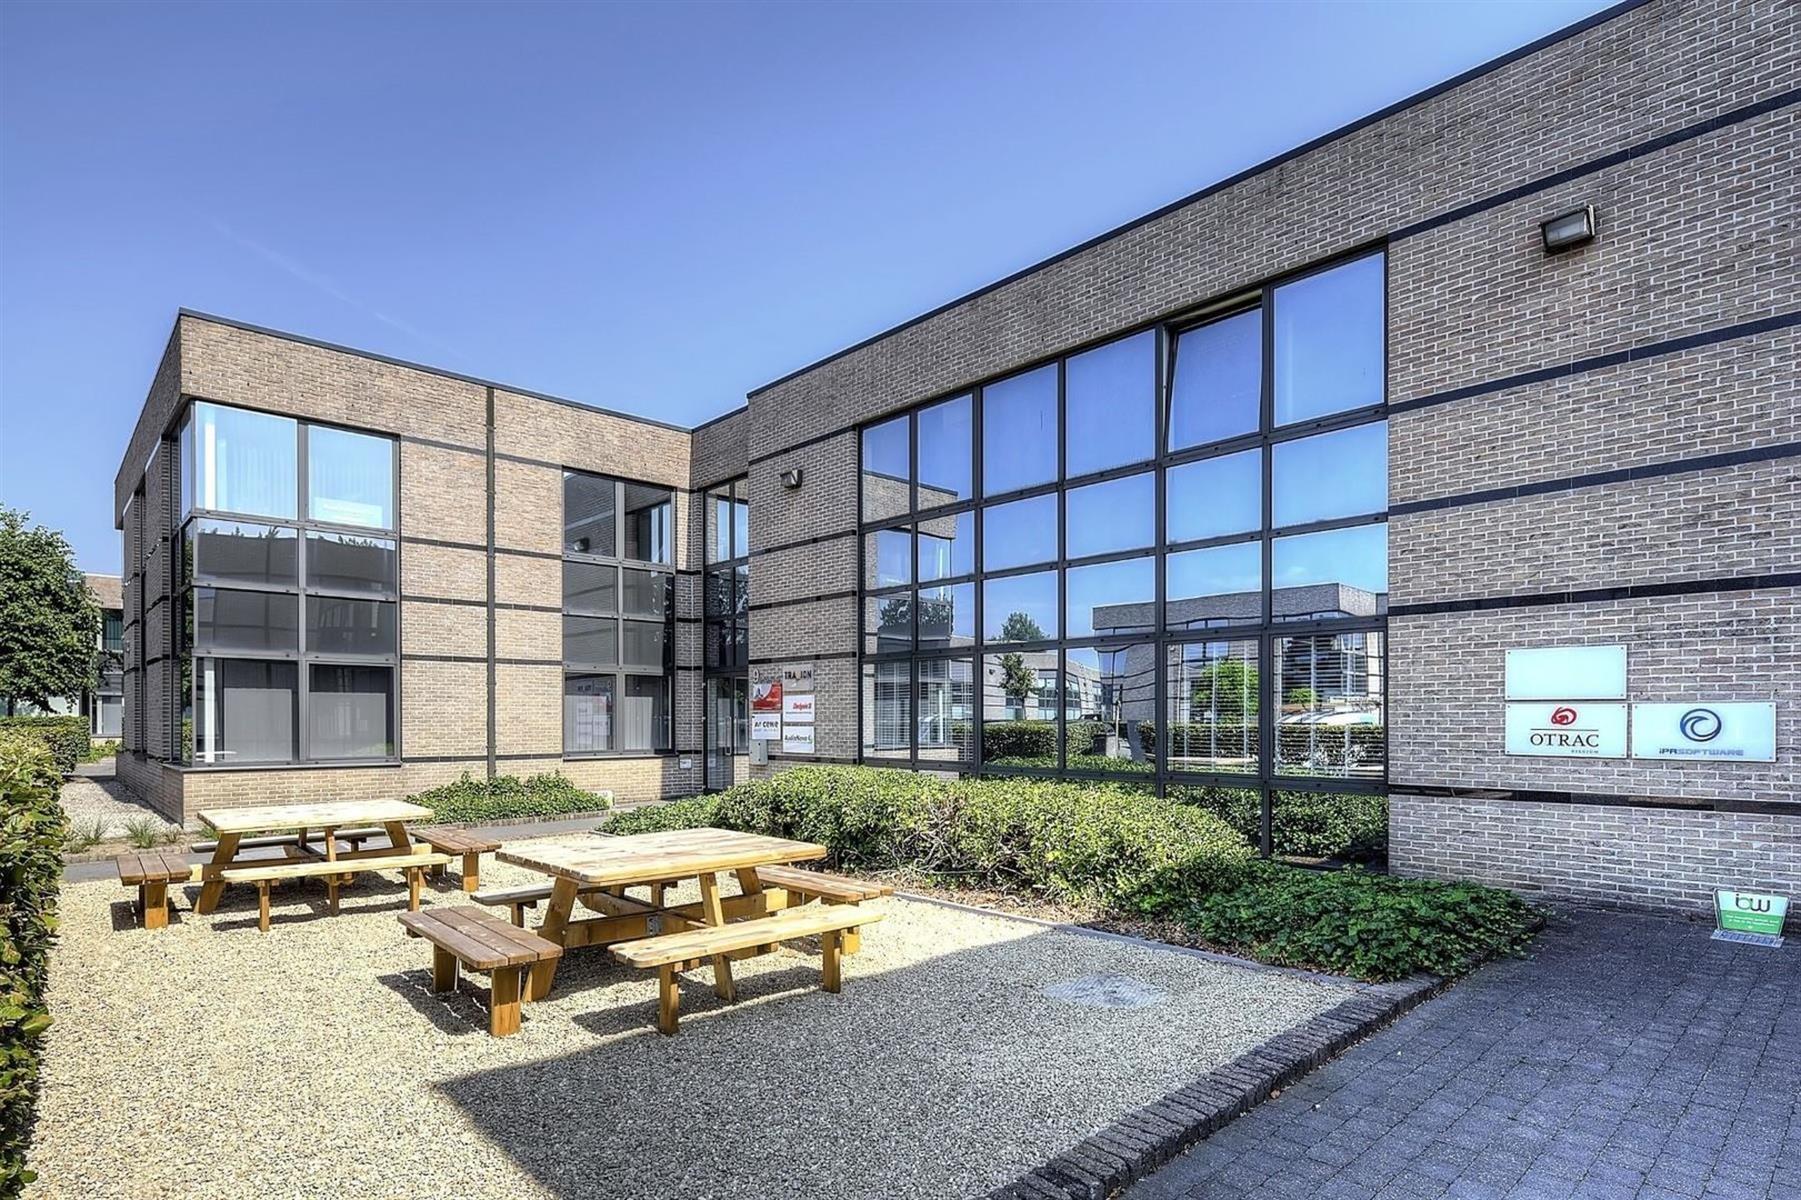 kantoor te huur I126 - 17B - unit 2/R - Generaal de Wittelaan 17, 2800 Mechelen, België 3